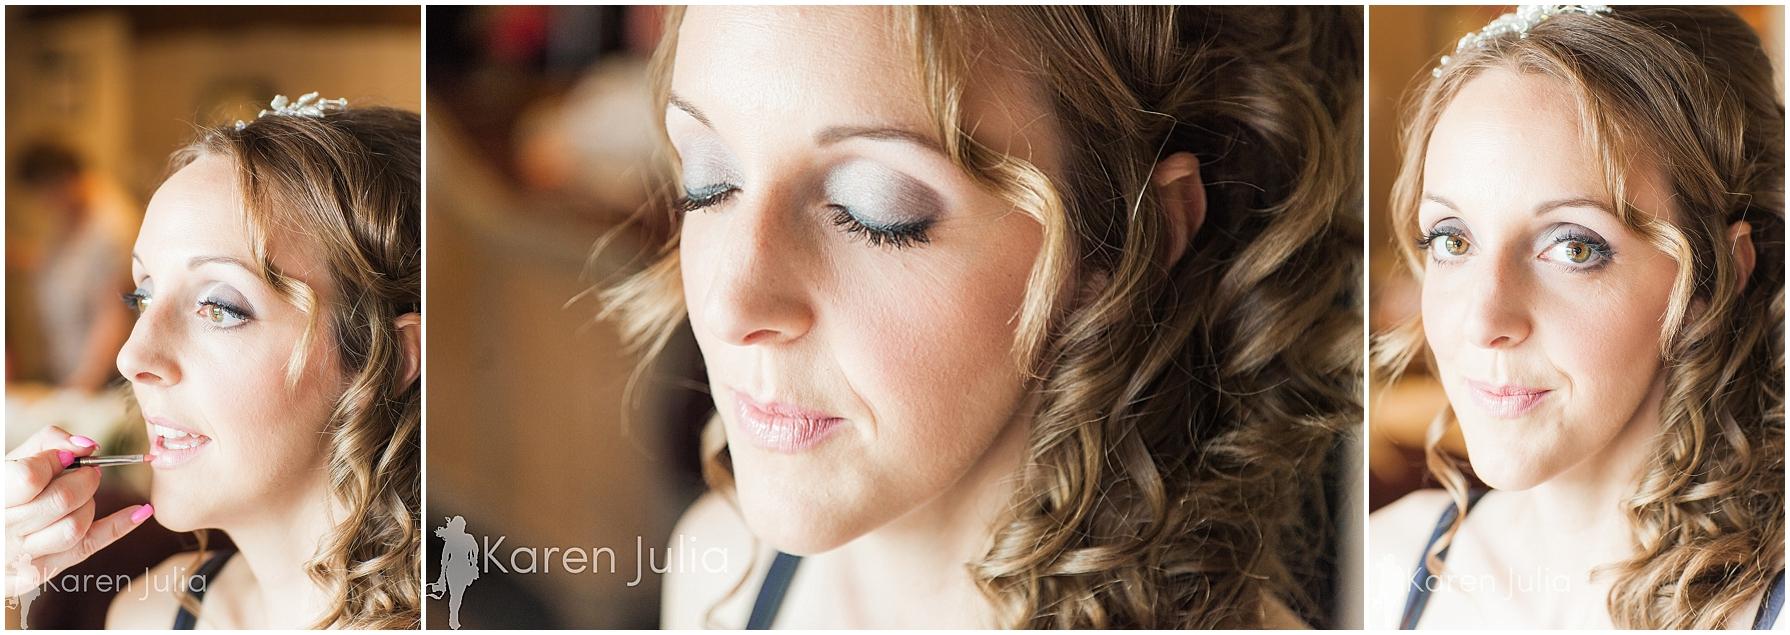 Shireburn-Arms-Wedding-Photography-12